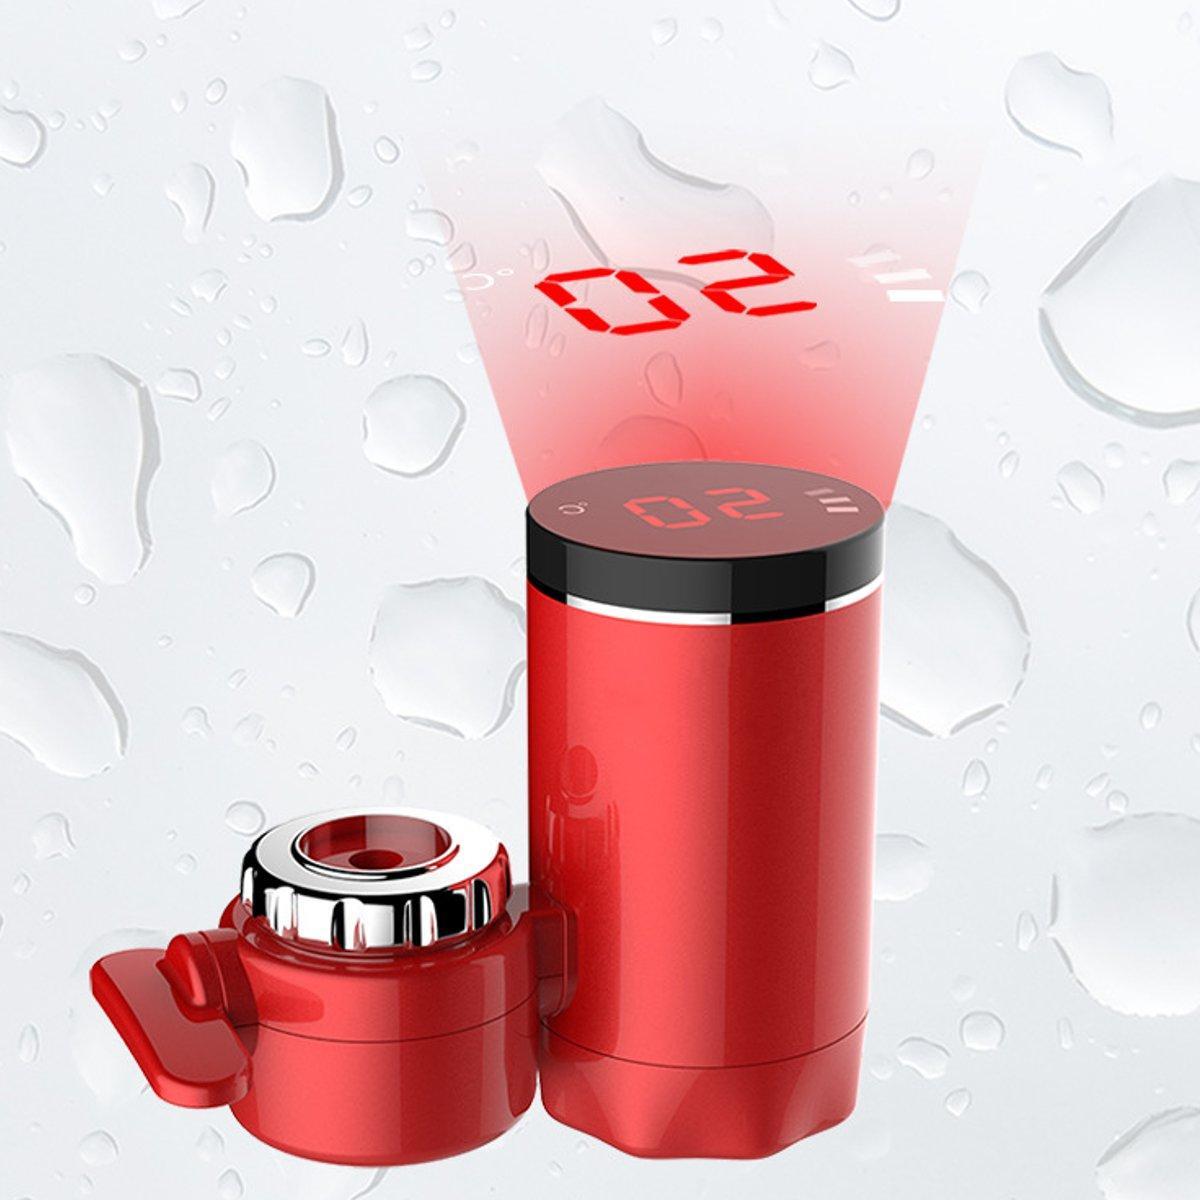 Kitchen Hot <font><b>Water</b></font> 3000W Digital Display Electric Faucet <font><b>Water</b></font> <font><b>Heater</b></font> Fast Heating Tap